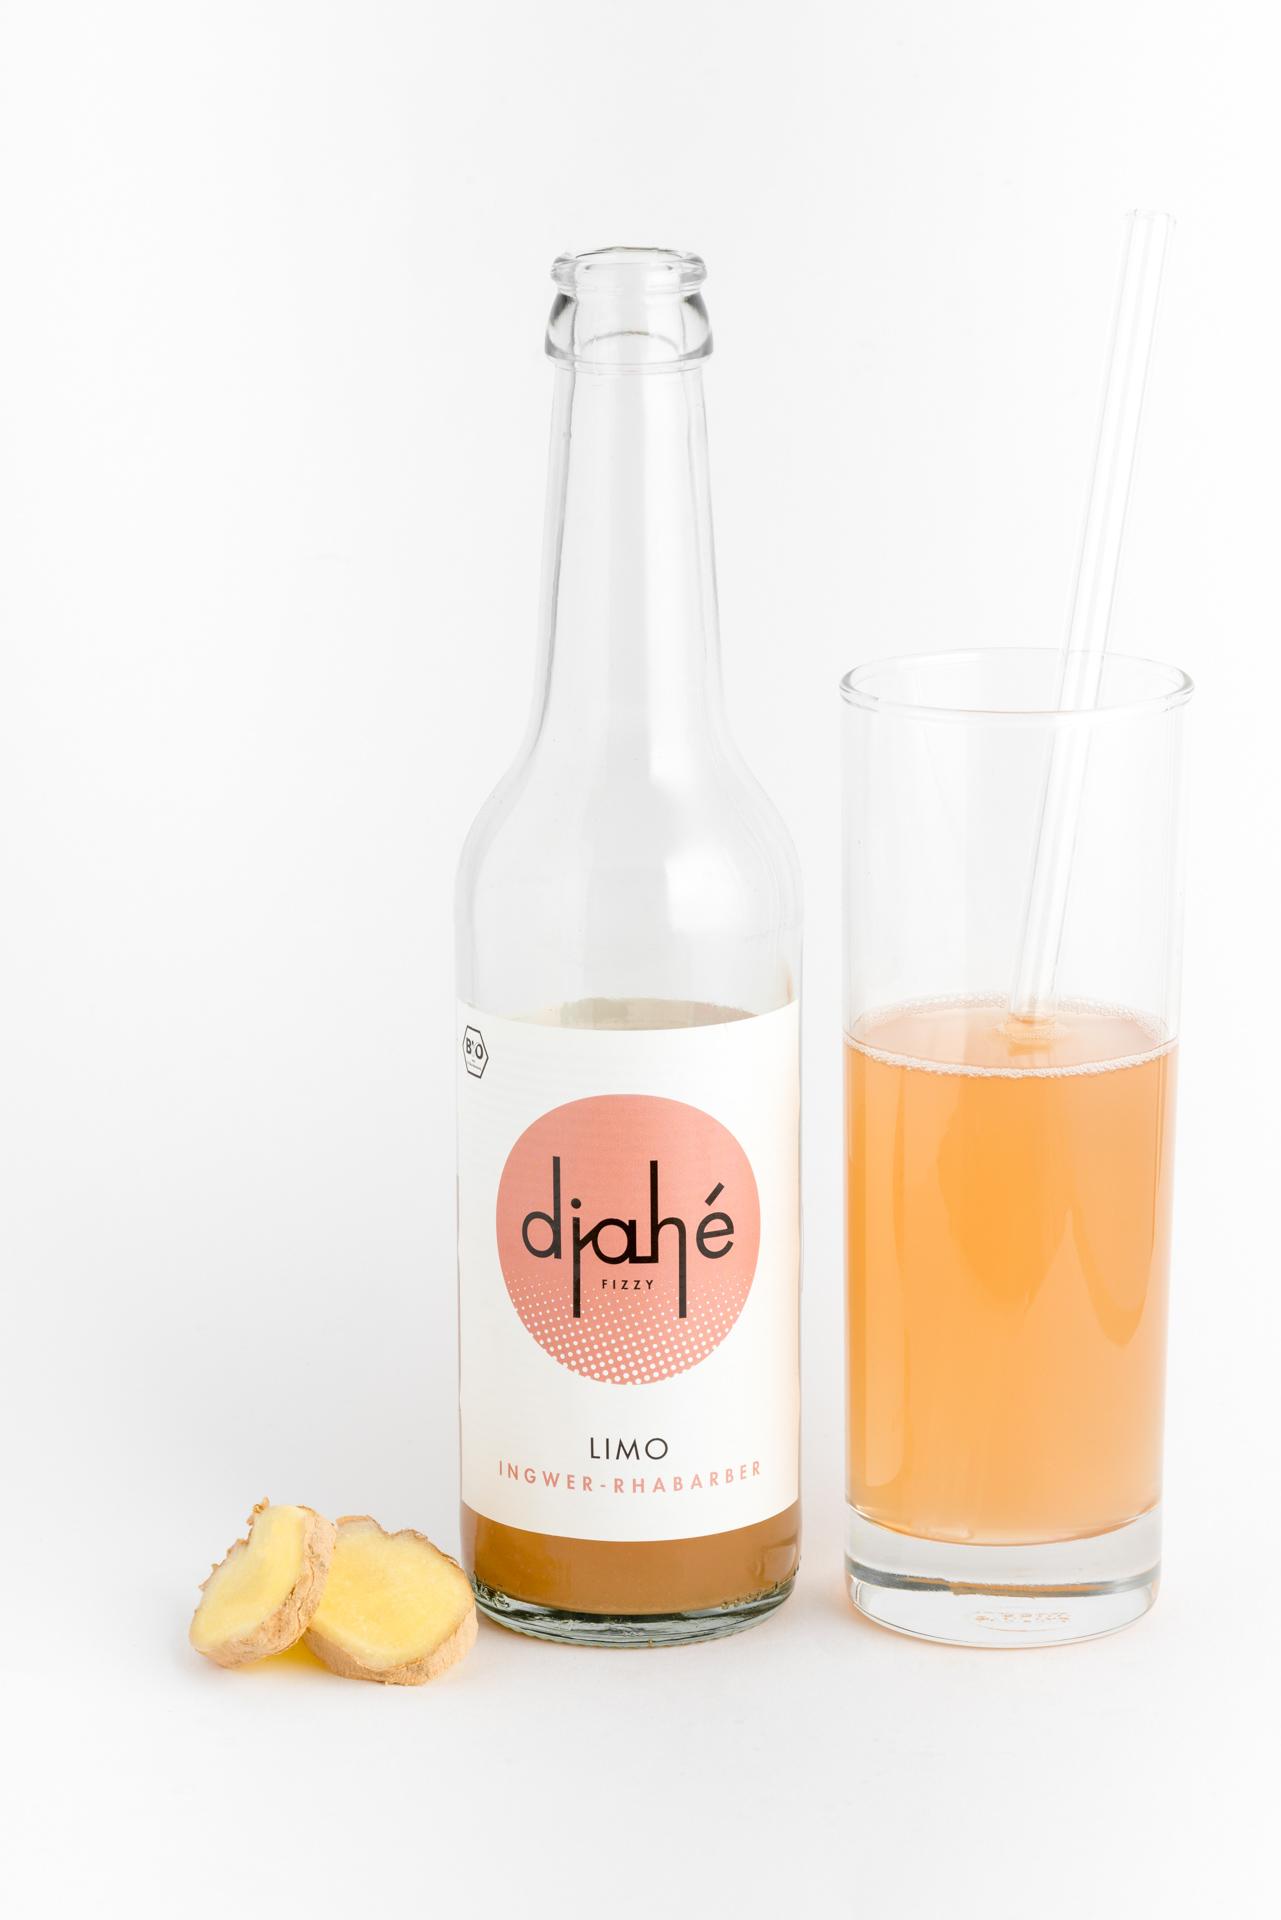 Eine Flasche und ein Glas Limonade aus Ingwer und Rhabarber